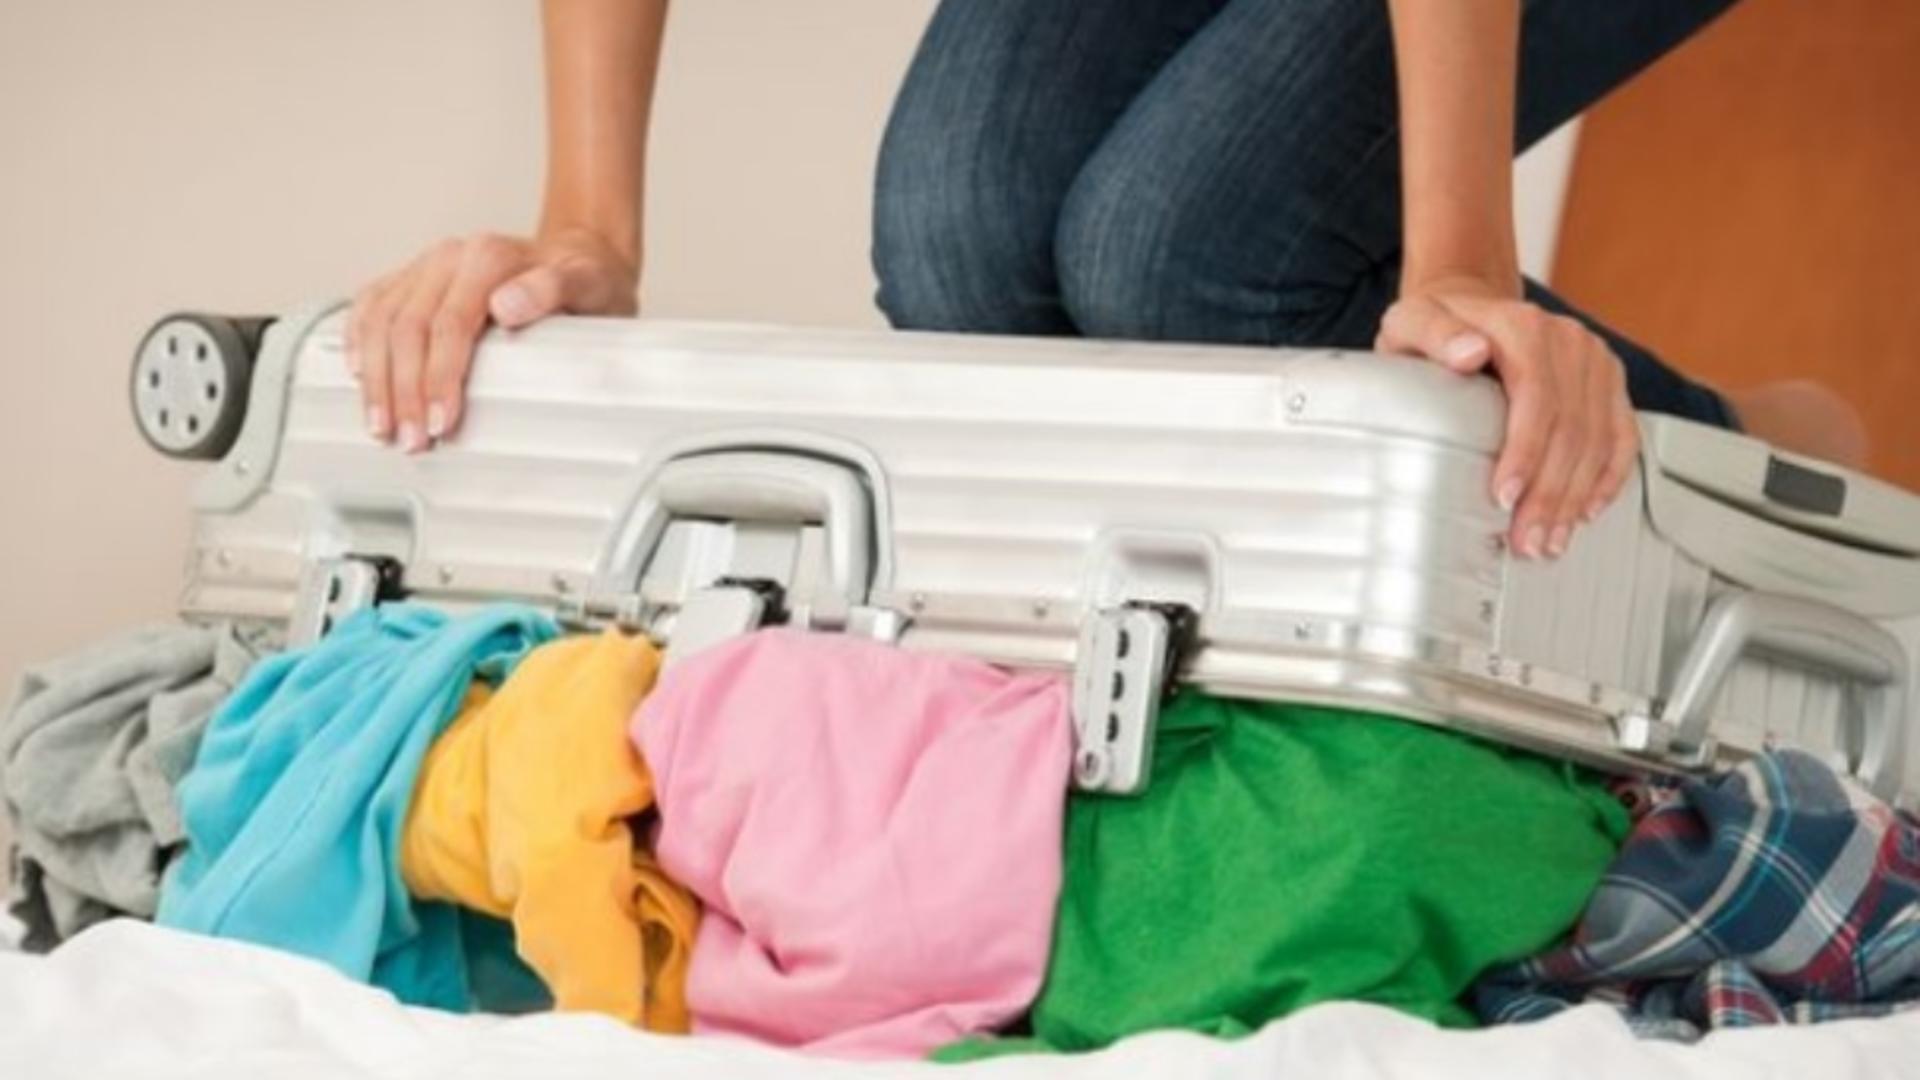 Ne facem bagajul, dar multe destinații preferate sunt sub incidența codurilor Covid. Foto arhivă